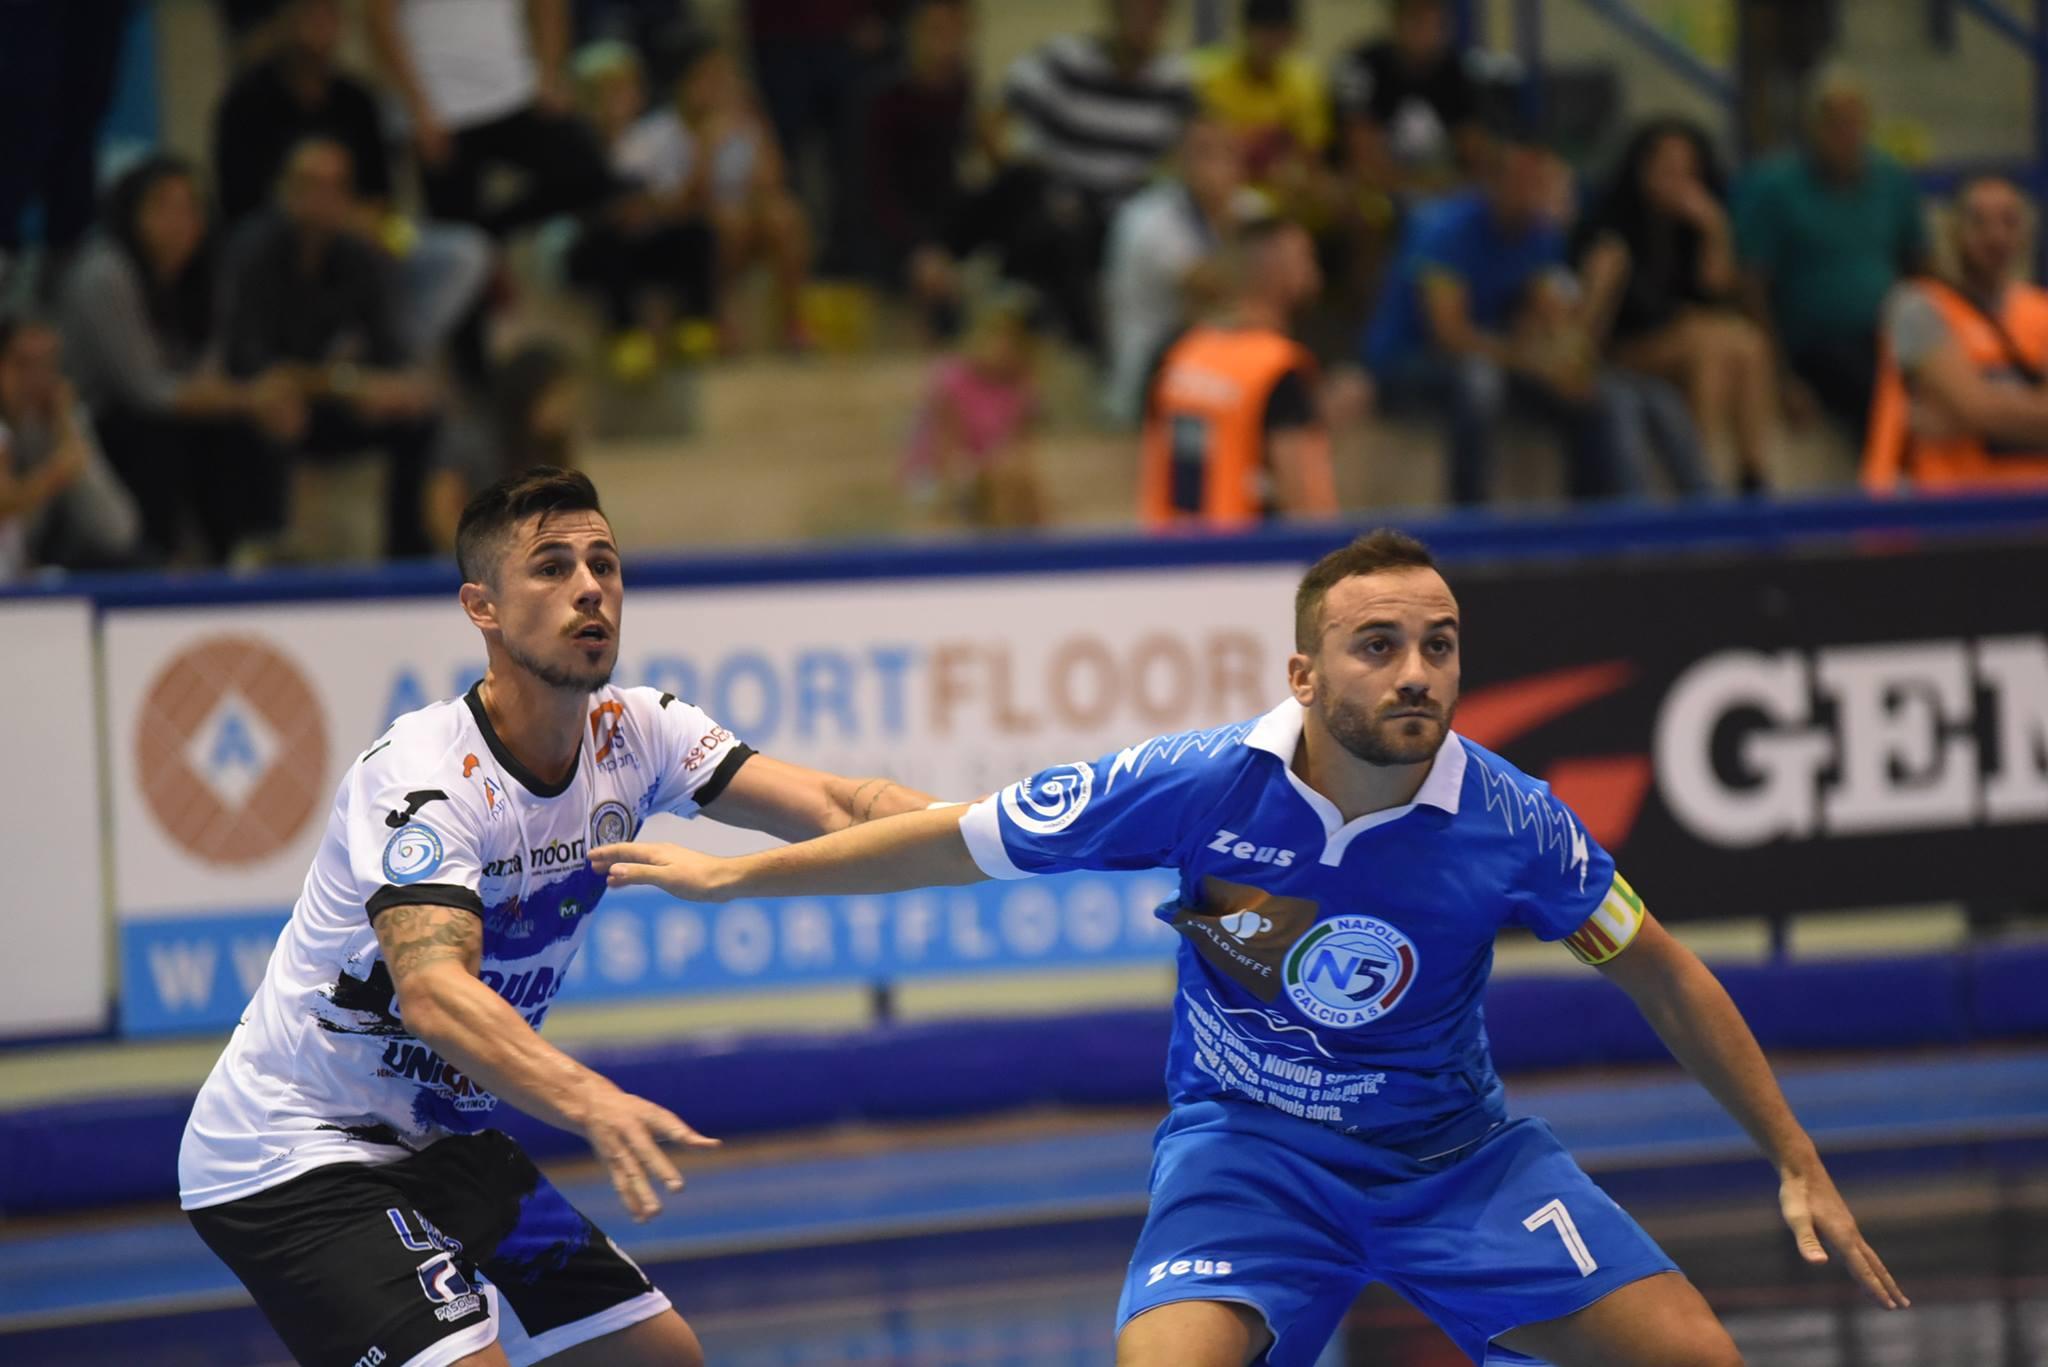 Calcio a 5 Campionato serie A. Acqua&Sapone:falsa partenza a Napoli